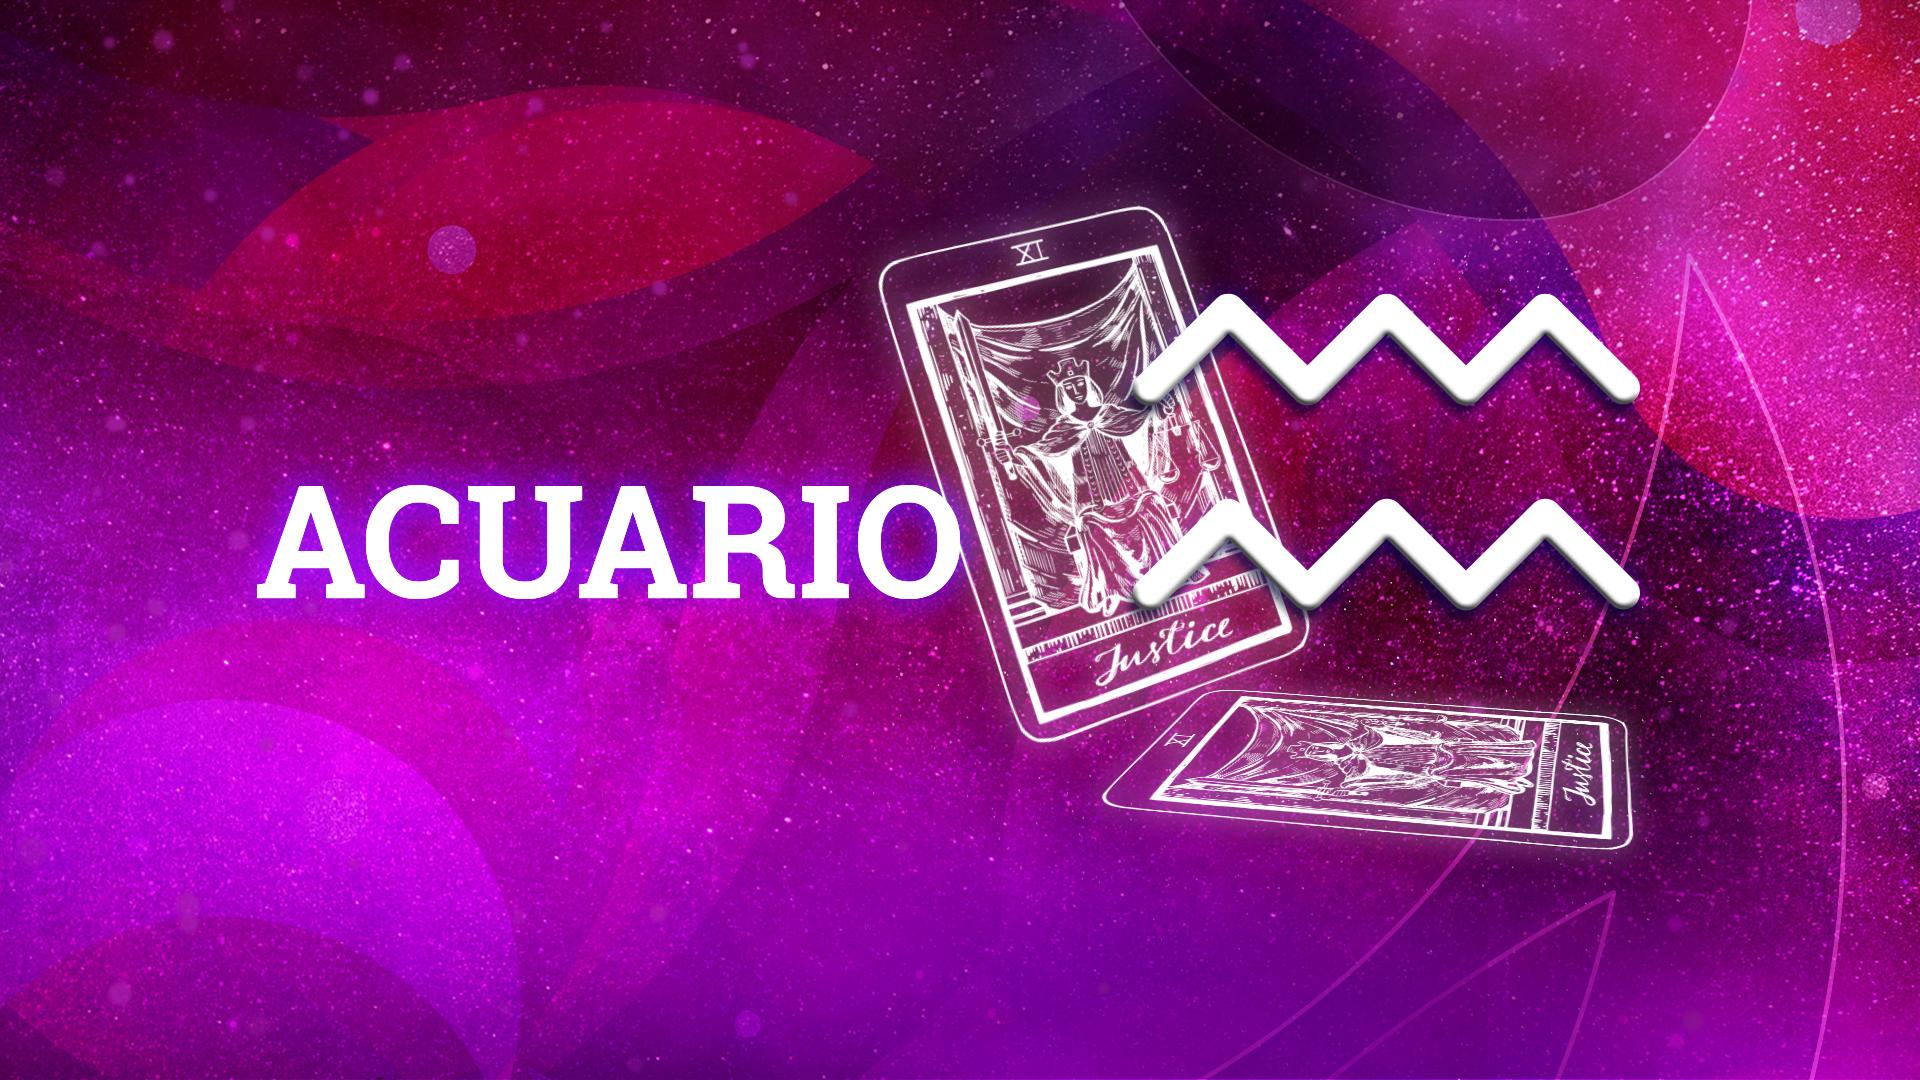 Horóscopo De Acuario 2021 Predicciones Zodiacales Para El Año Nuevo Horóscopos Predicciones Zodiacales 2021 Univision